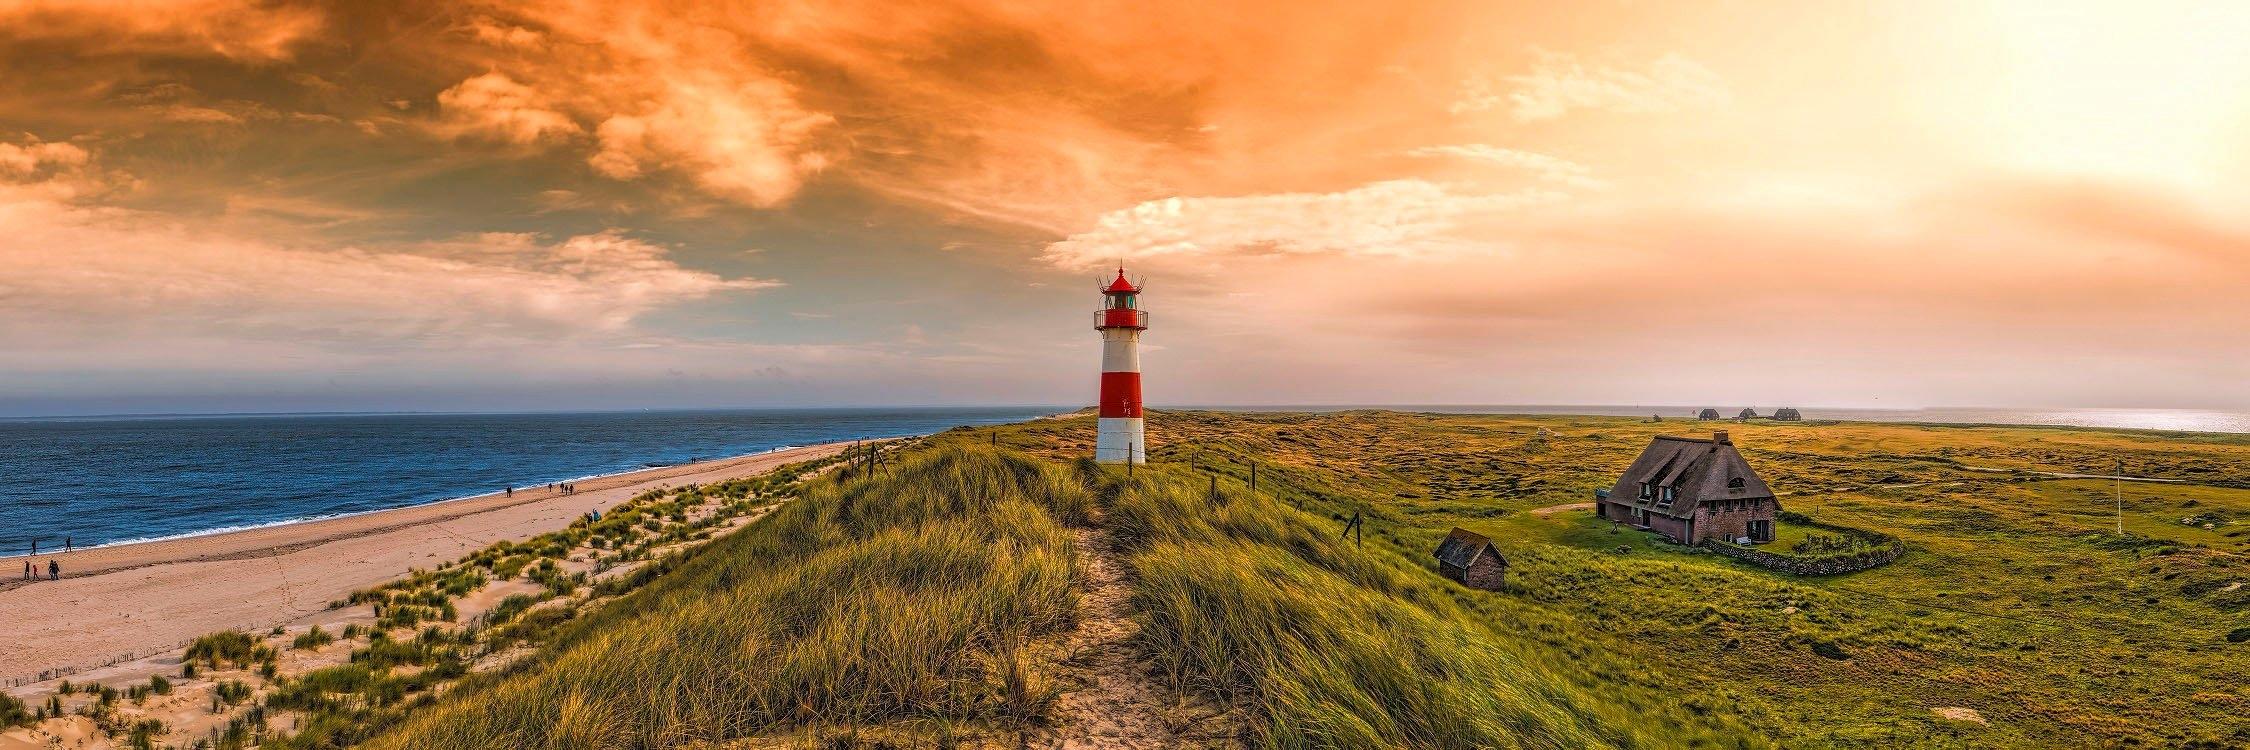 Spiegelprofi GmbH artprint op linnen Lighthouse (1 stuk) veilig op otto.nl kopen